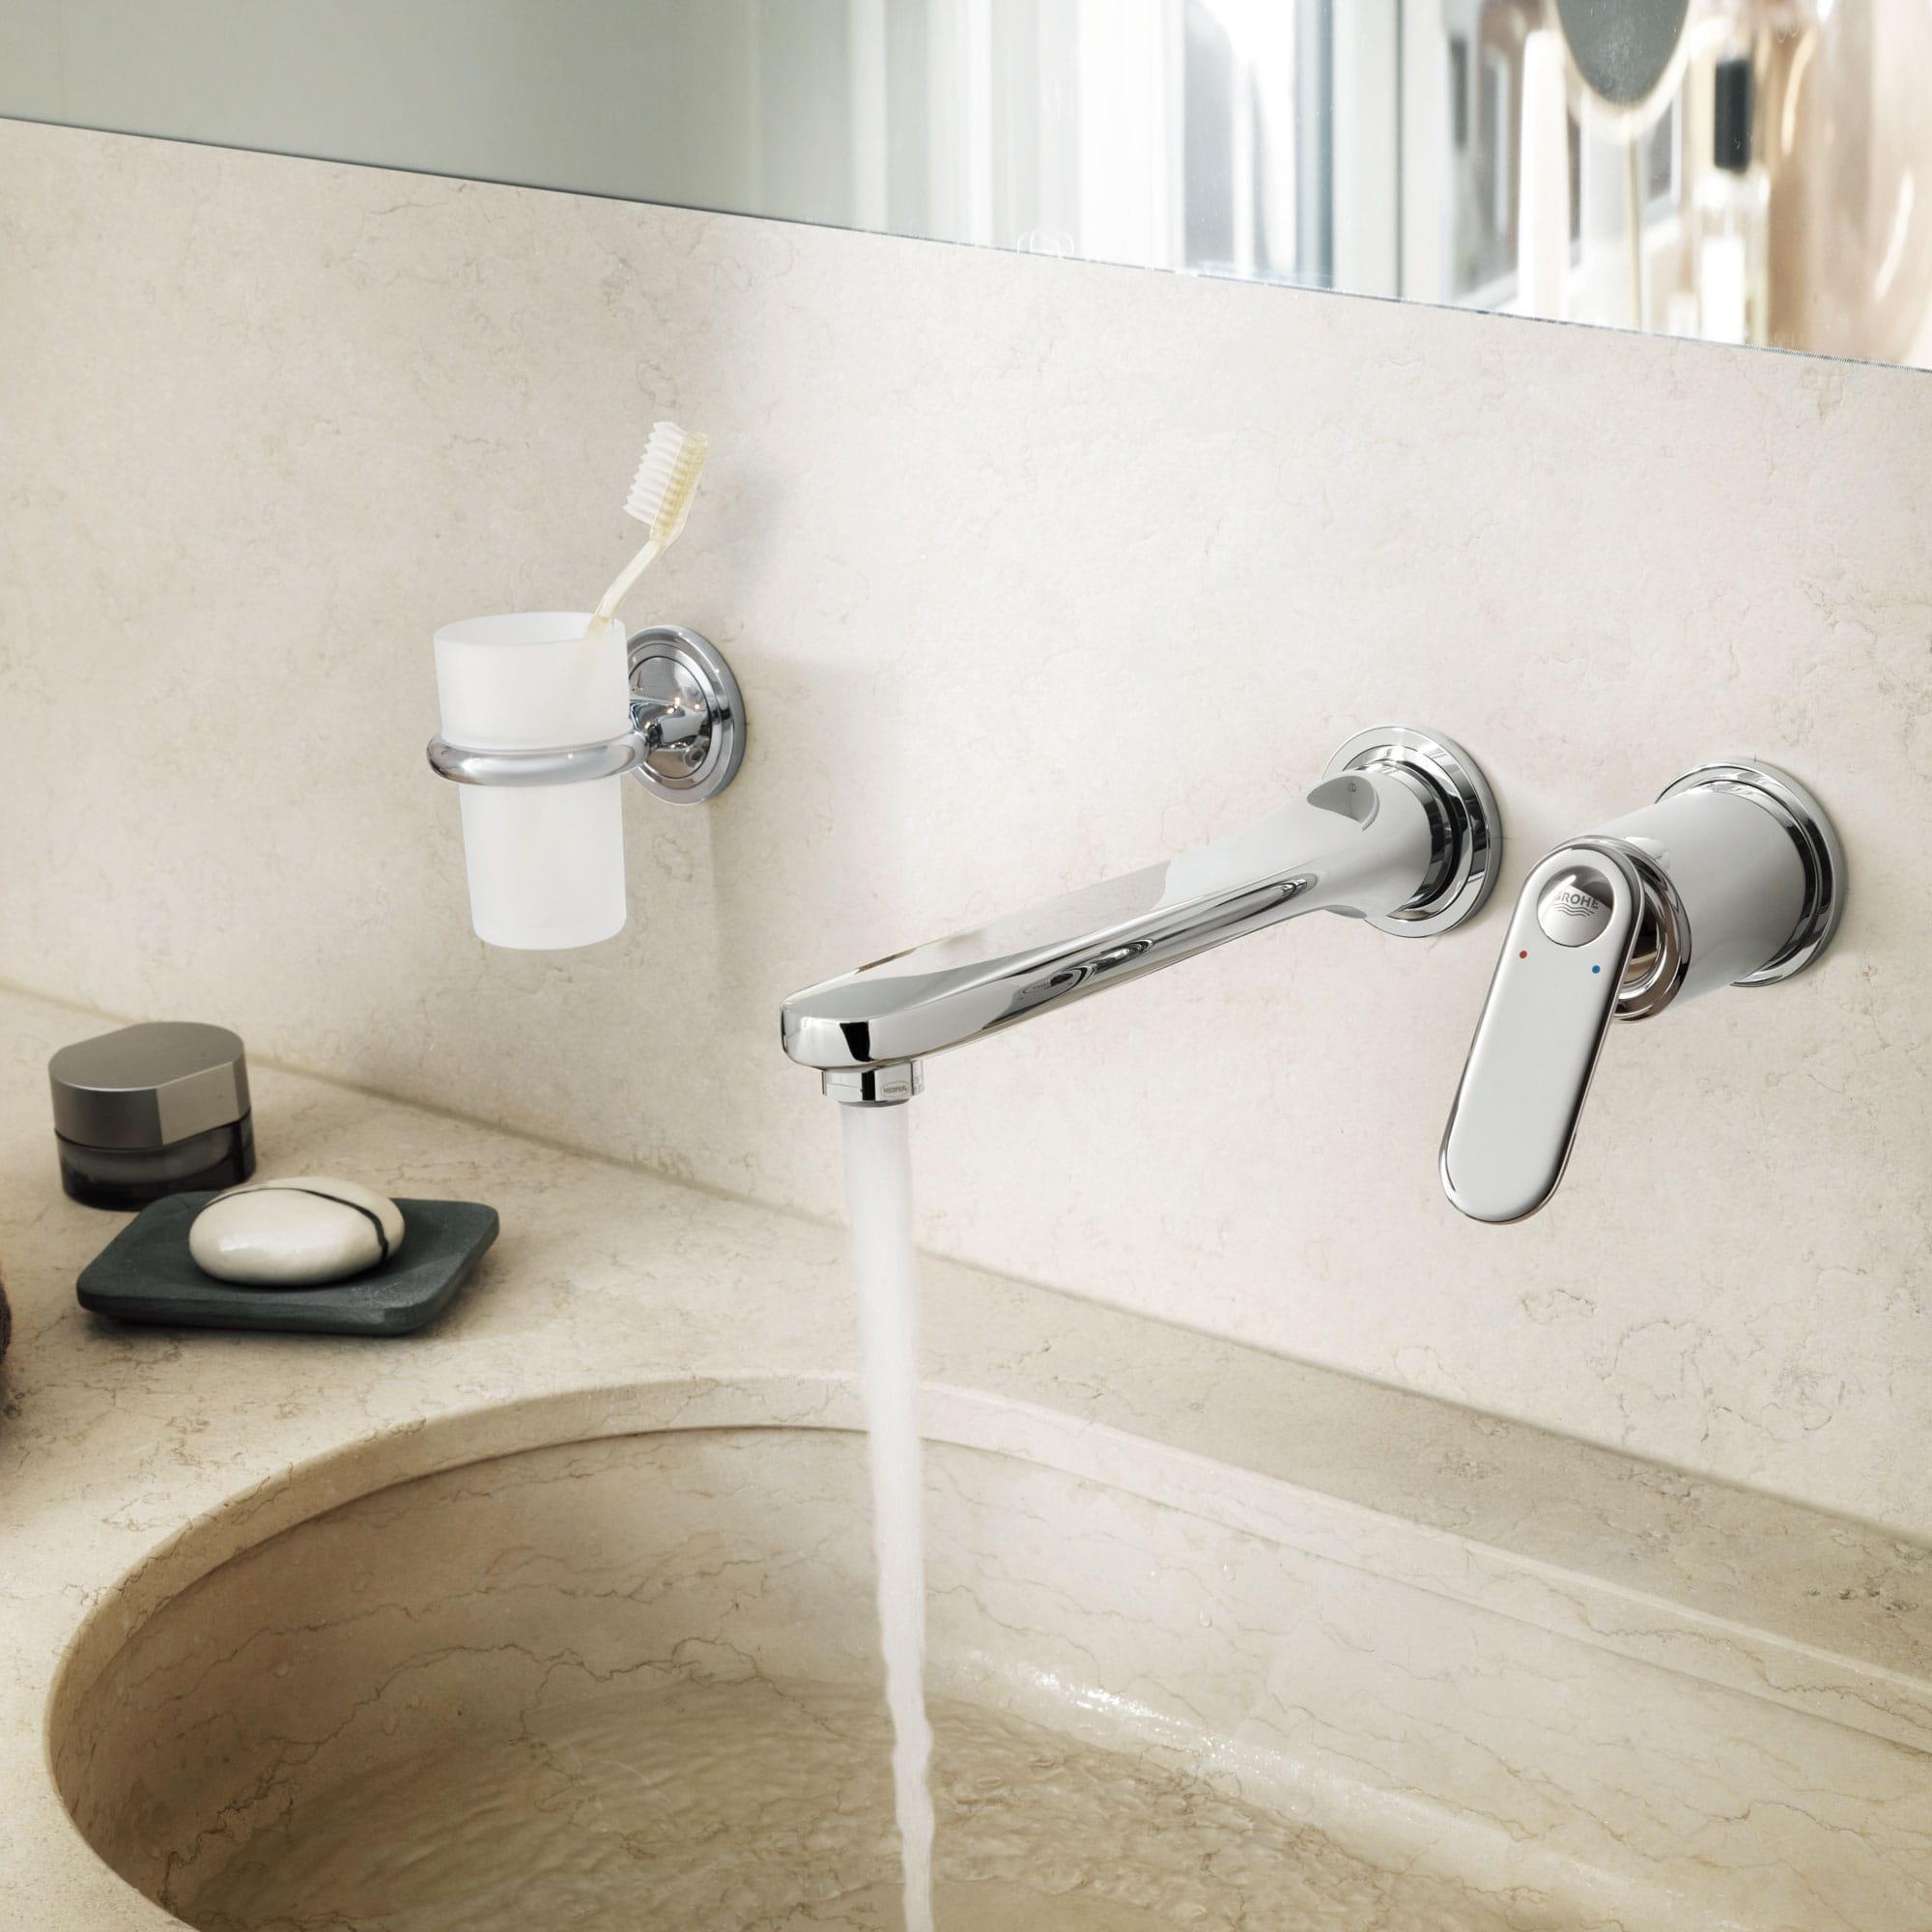 robinet de salle de bain avec eau courante